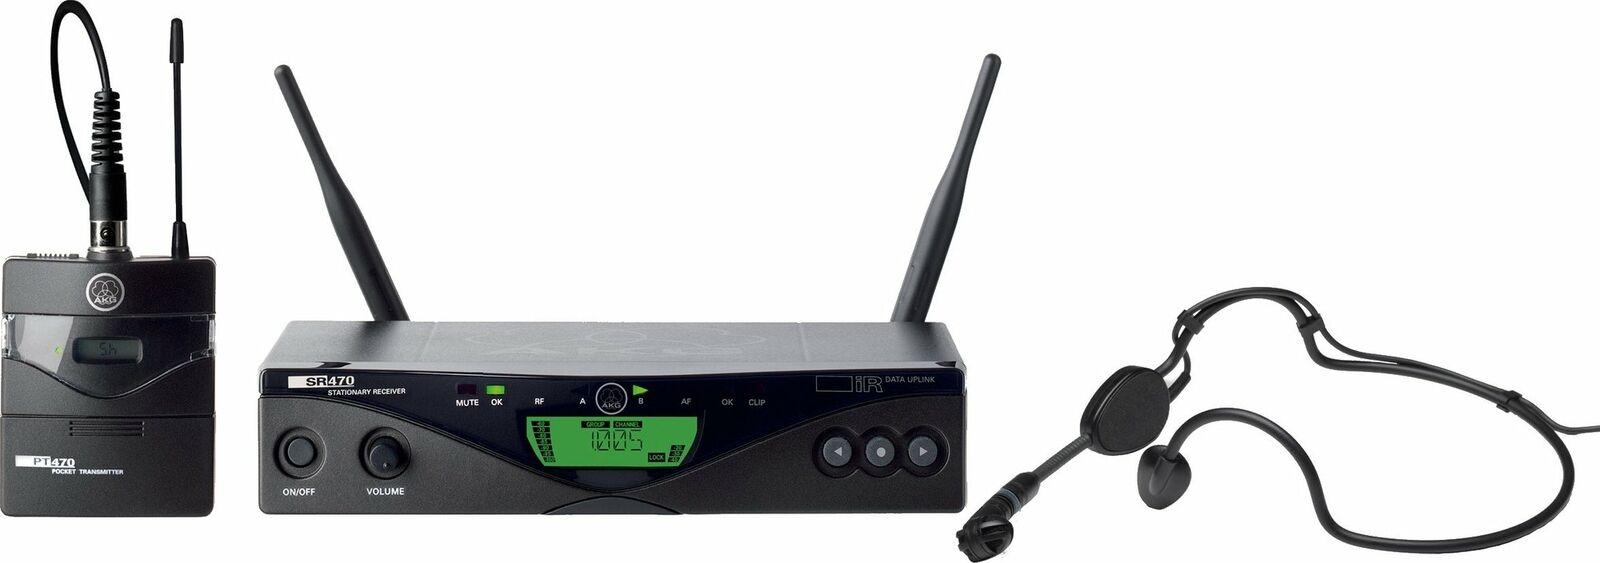 Funkmikrofonset mit Headsetmikrofon AKG WMS 470 Sportset B1 (650-680 MHz)